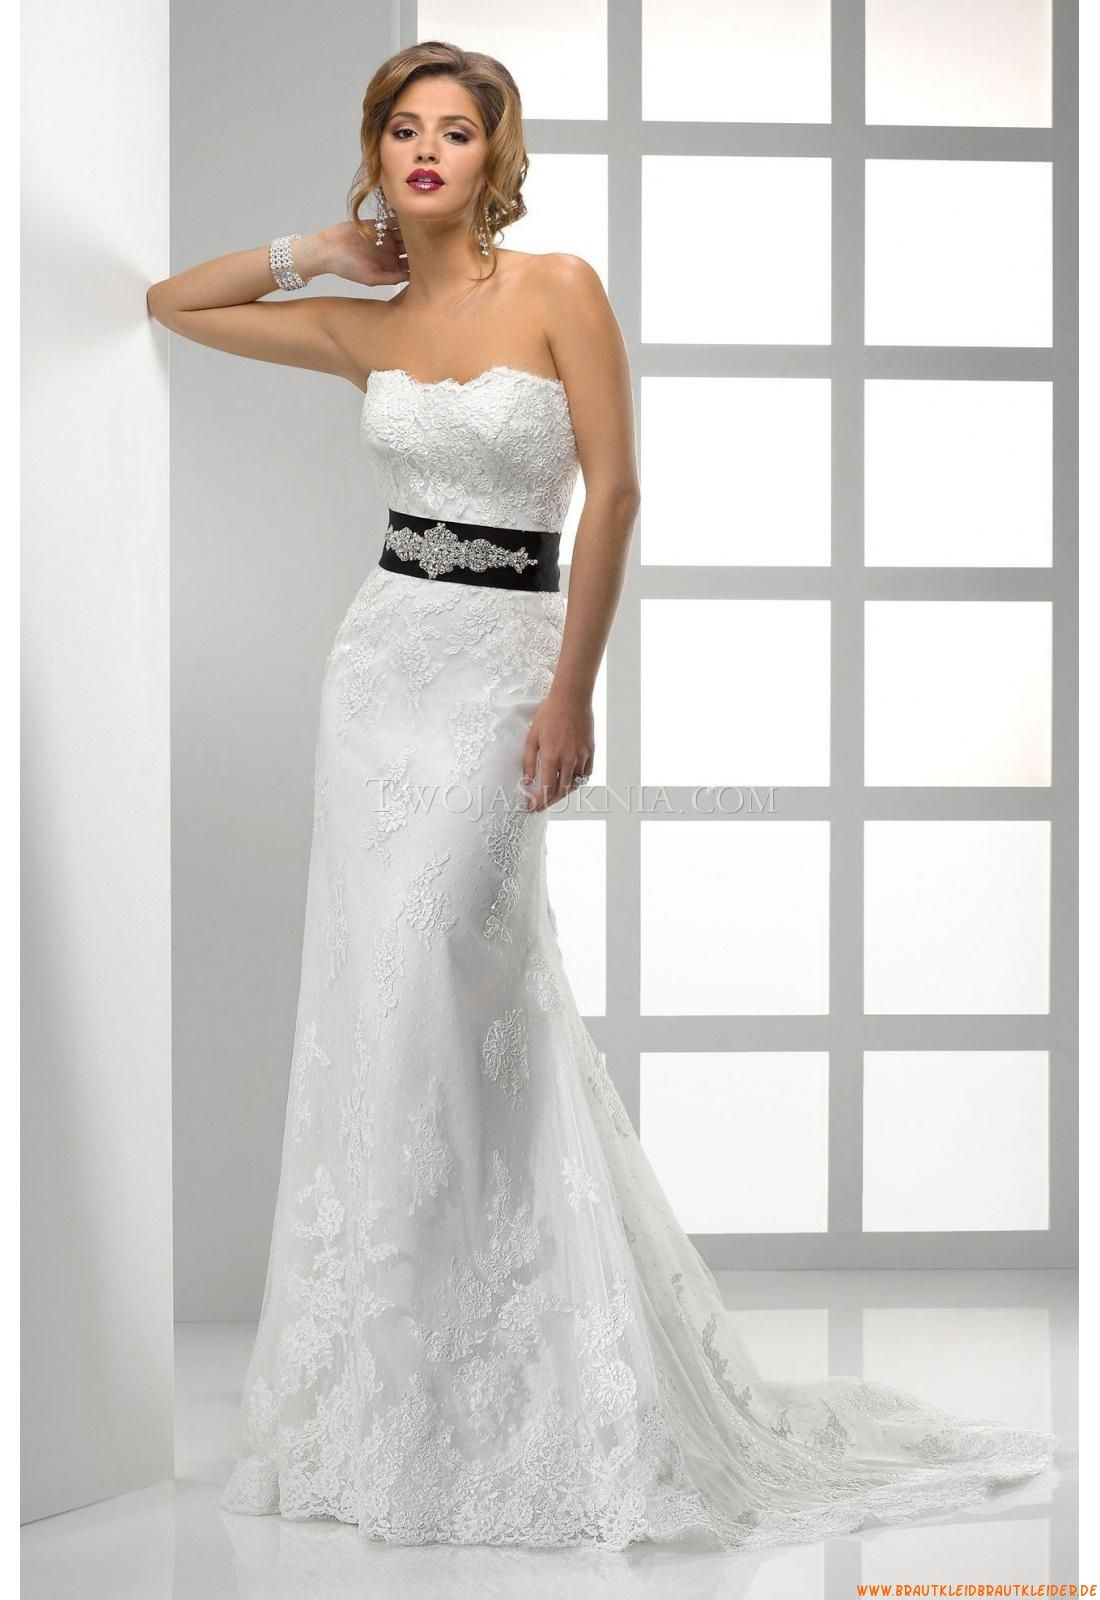 Tiefe Taille Designer Brautkleider | Hochzeit | Pinterest ...